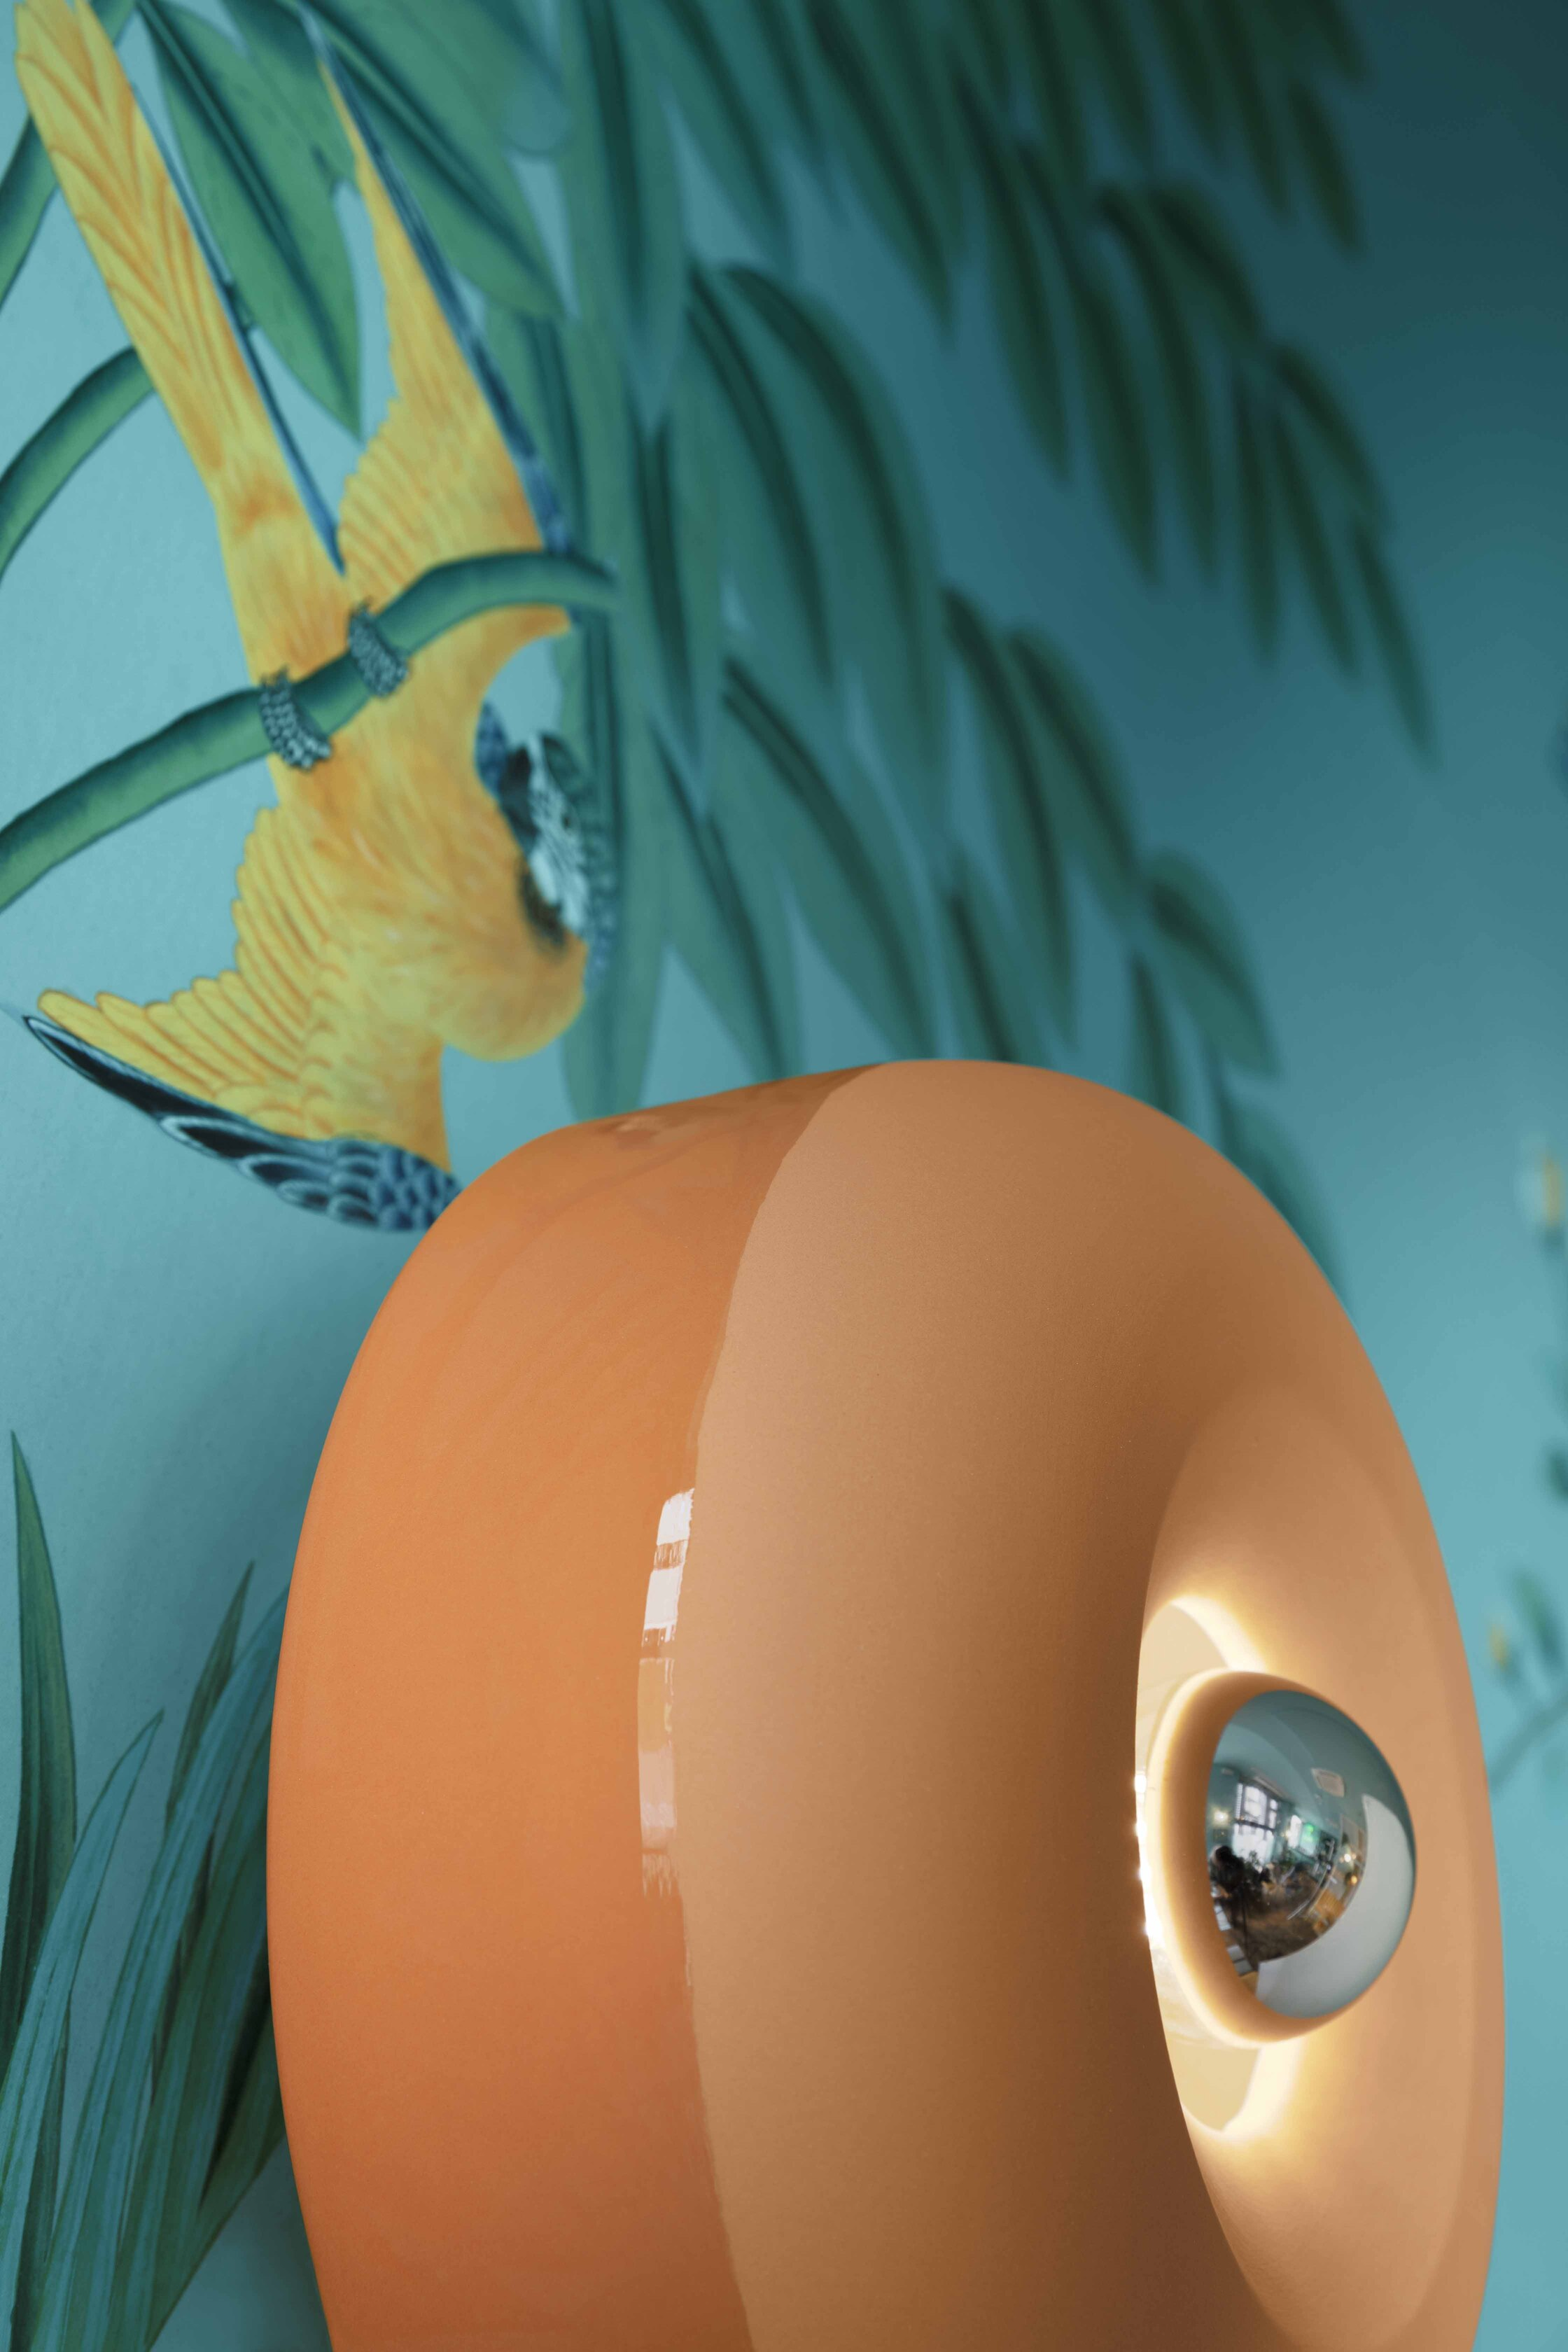 Plafonnier/applique BELLOTA rond Ø27,5cm en céramique contemporaine en 4 coloris par Ferroluce